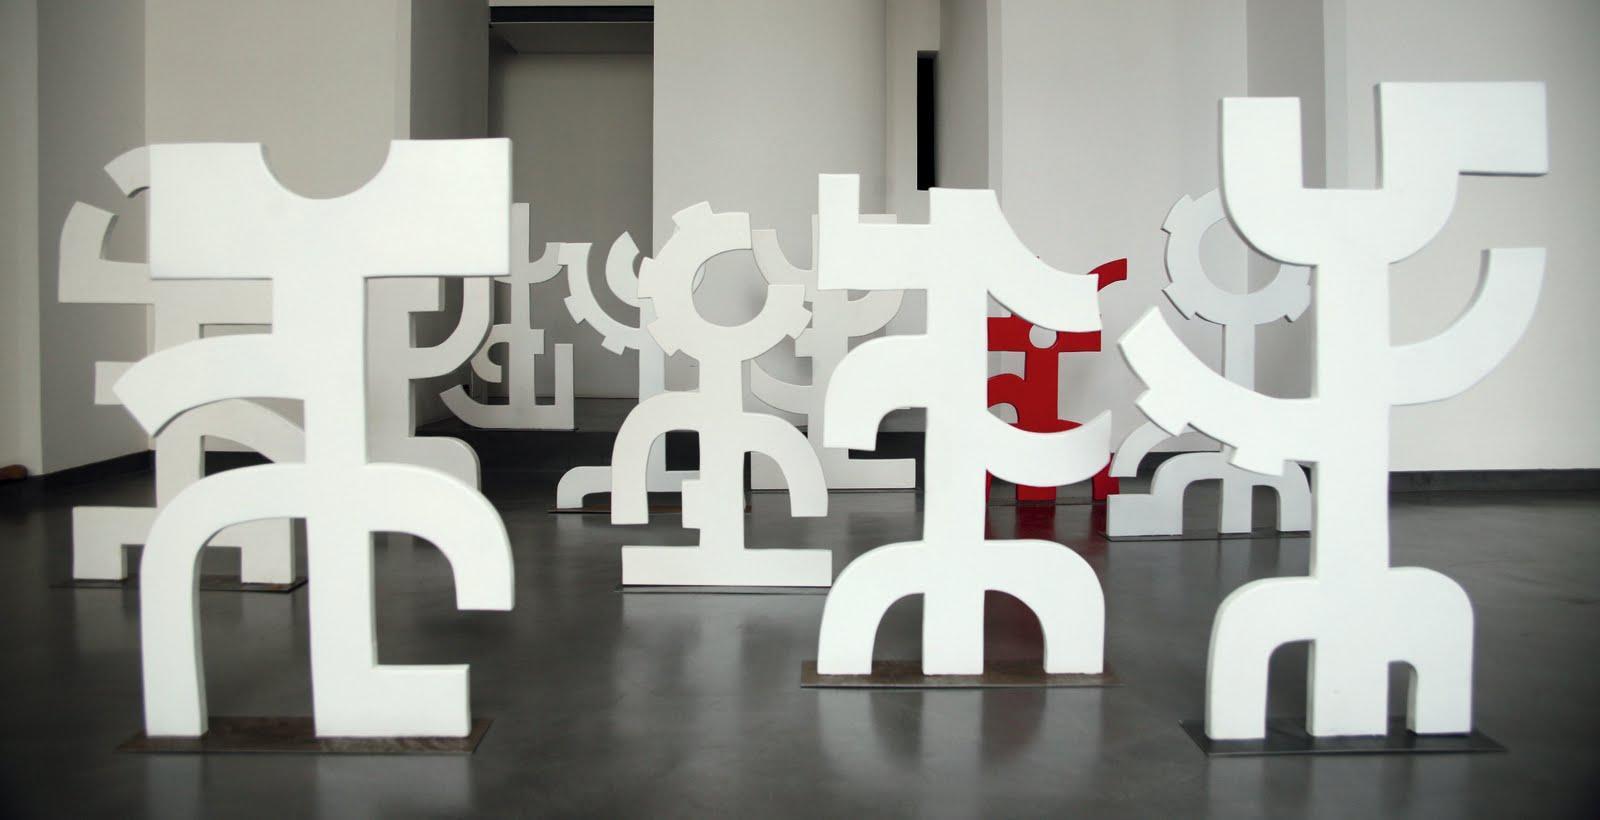 Negli spazi di EidoStudio, fino a venerdì 11 febbraio, sarà possibile ammirare il lavoro di Daniela Cicatiello, un'artista poliedrica che crea una nuova visione del mondo a partire da materiali [...]